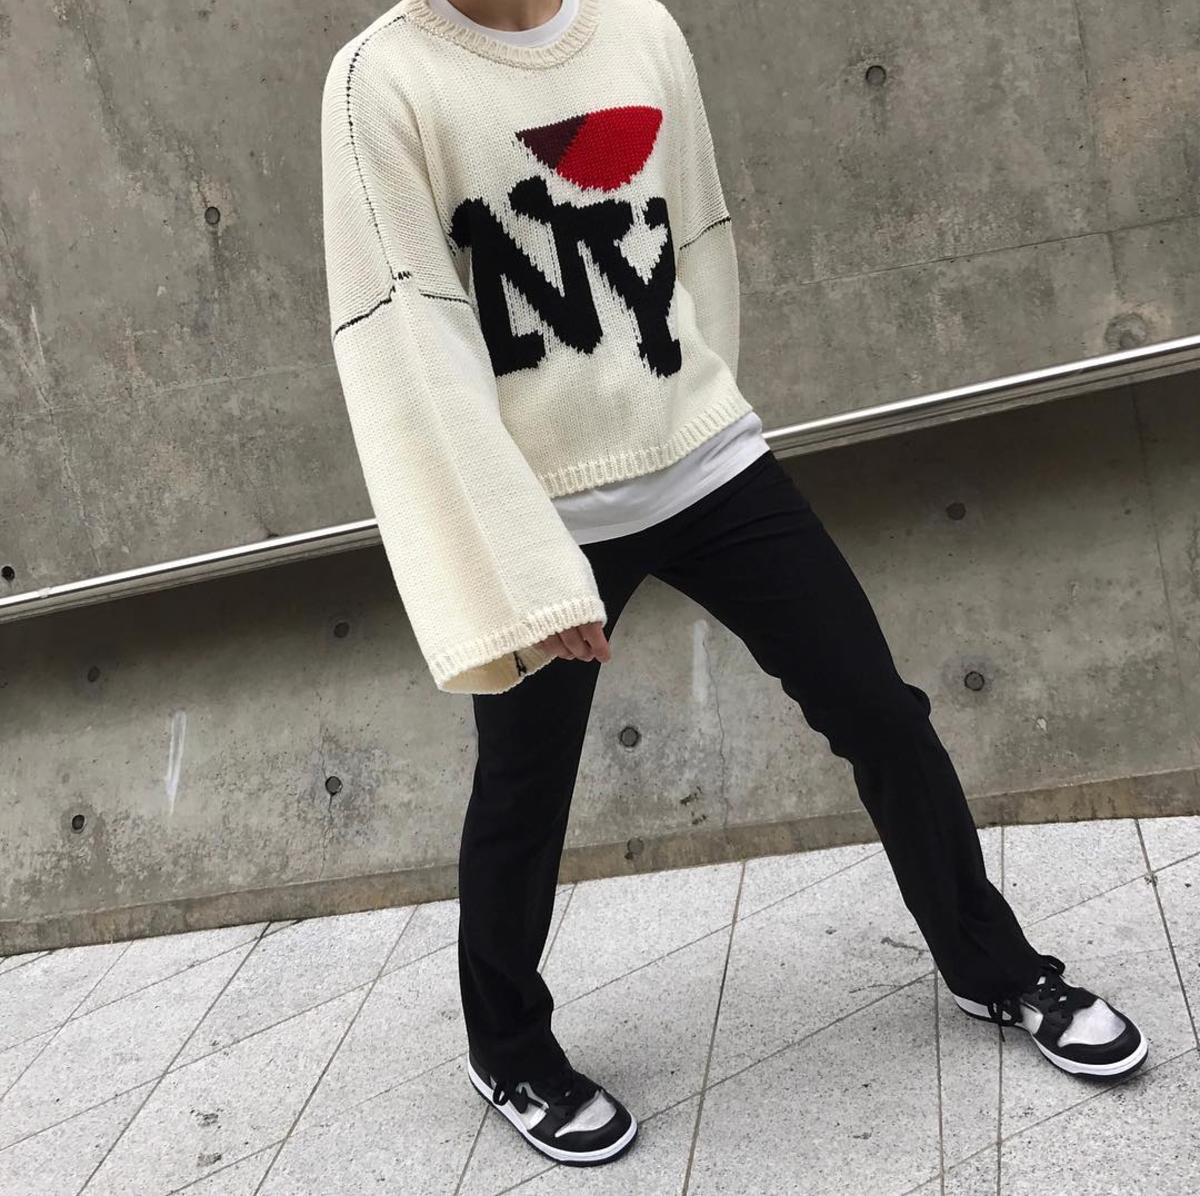 Restock: Raf Simons 'I Love NY' Sweater